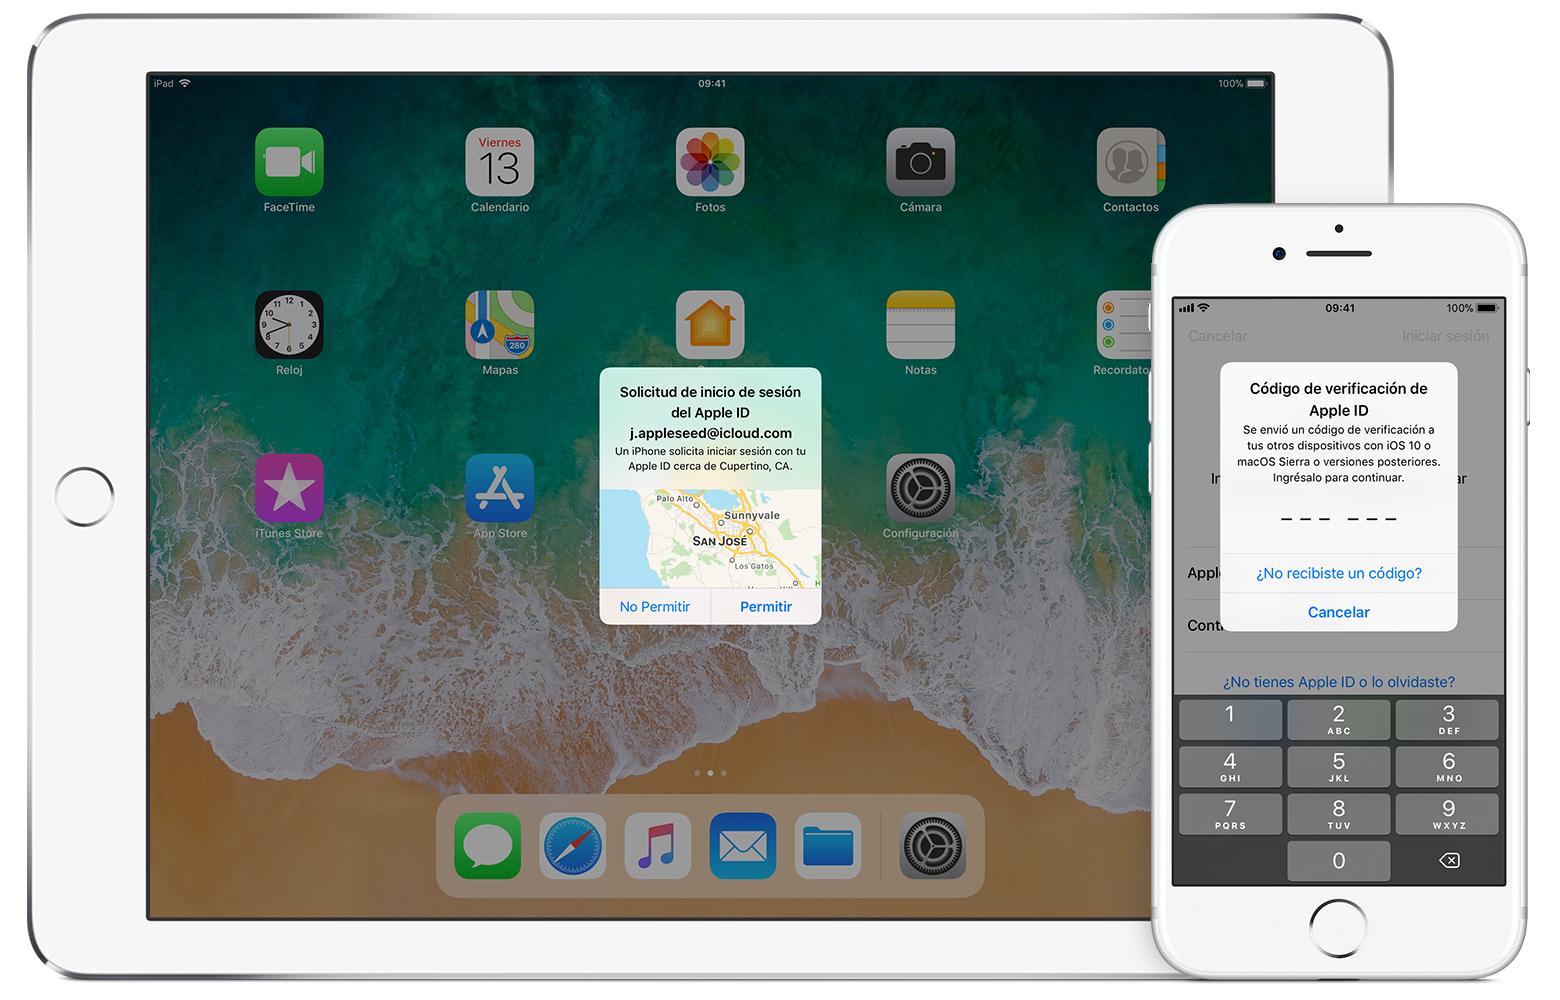 Autenticación de dos factores para Apple ID - Soporte técnico de Apple